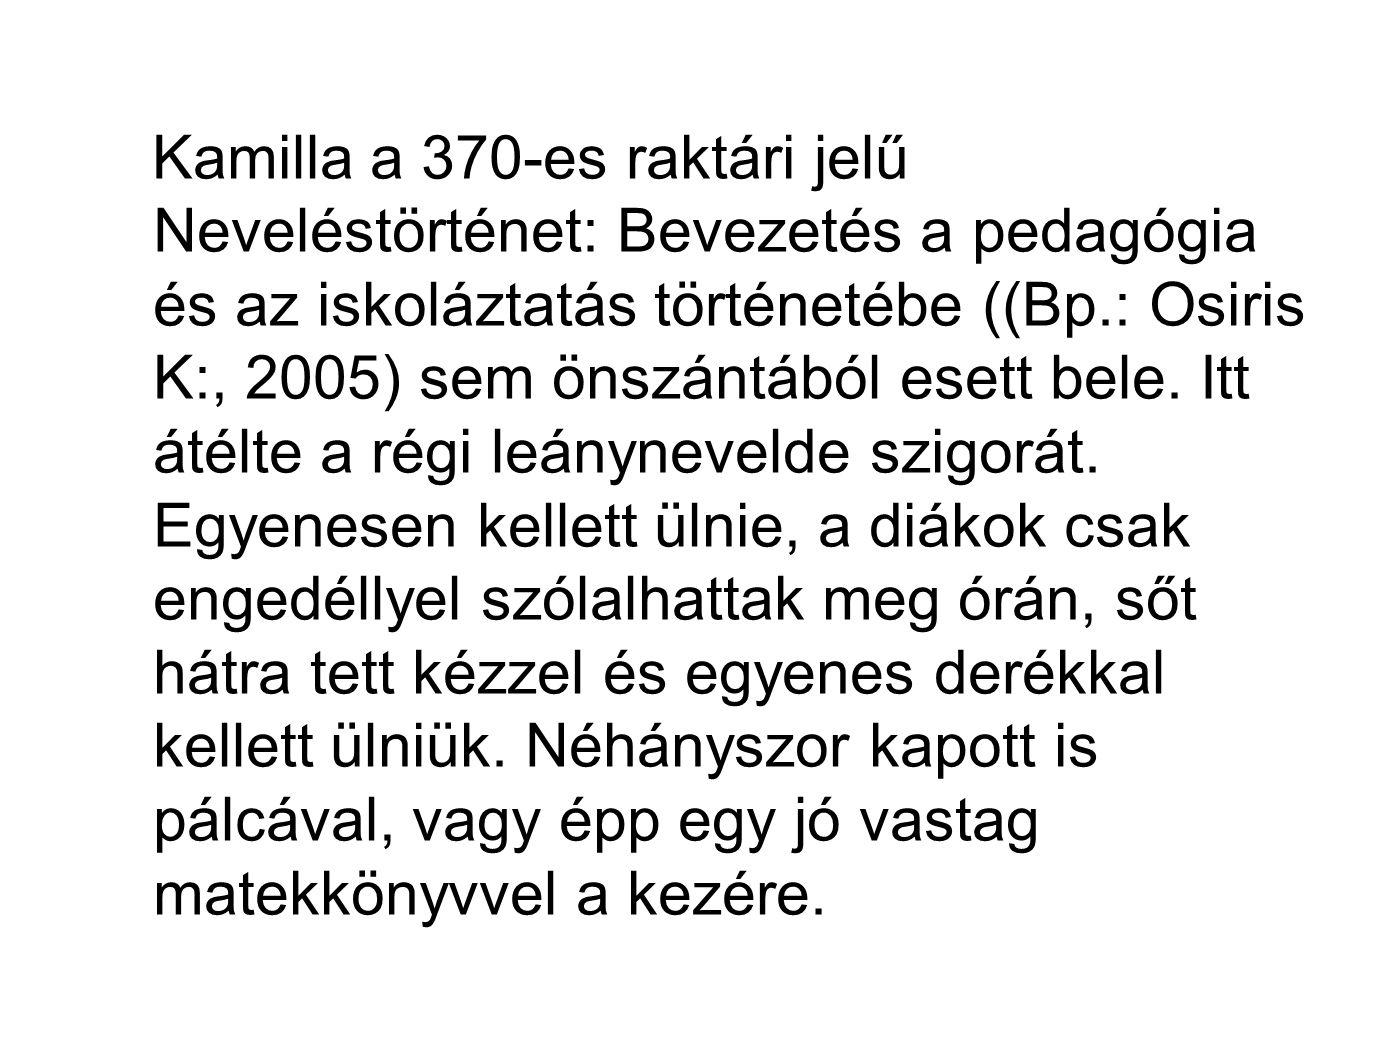 Kamilla a 370-es raktári jelű Neveléstörténet: Bevezetés a pedagógia és az iskoláztatás történetébe ((Bp.: Osiris K:, 2005) sem önszántából esett bele.